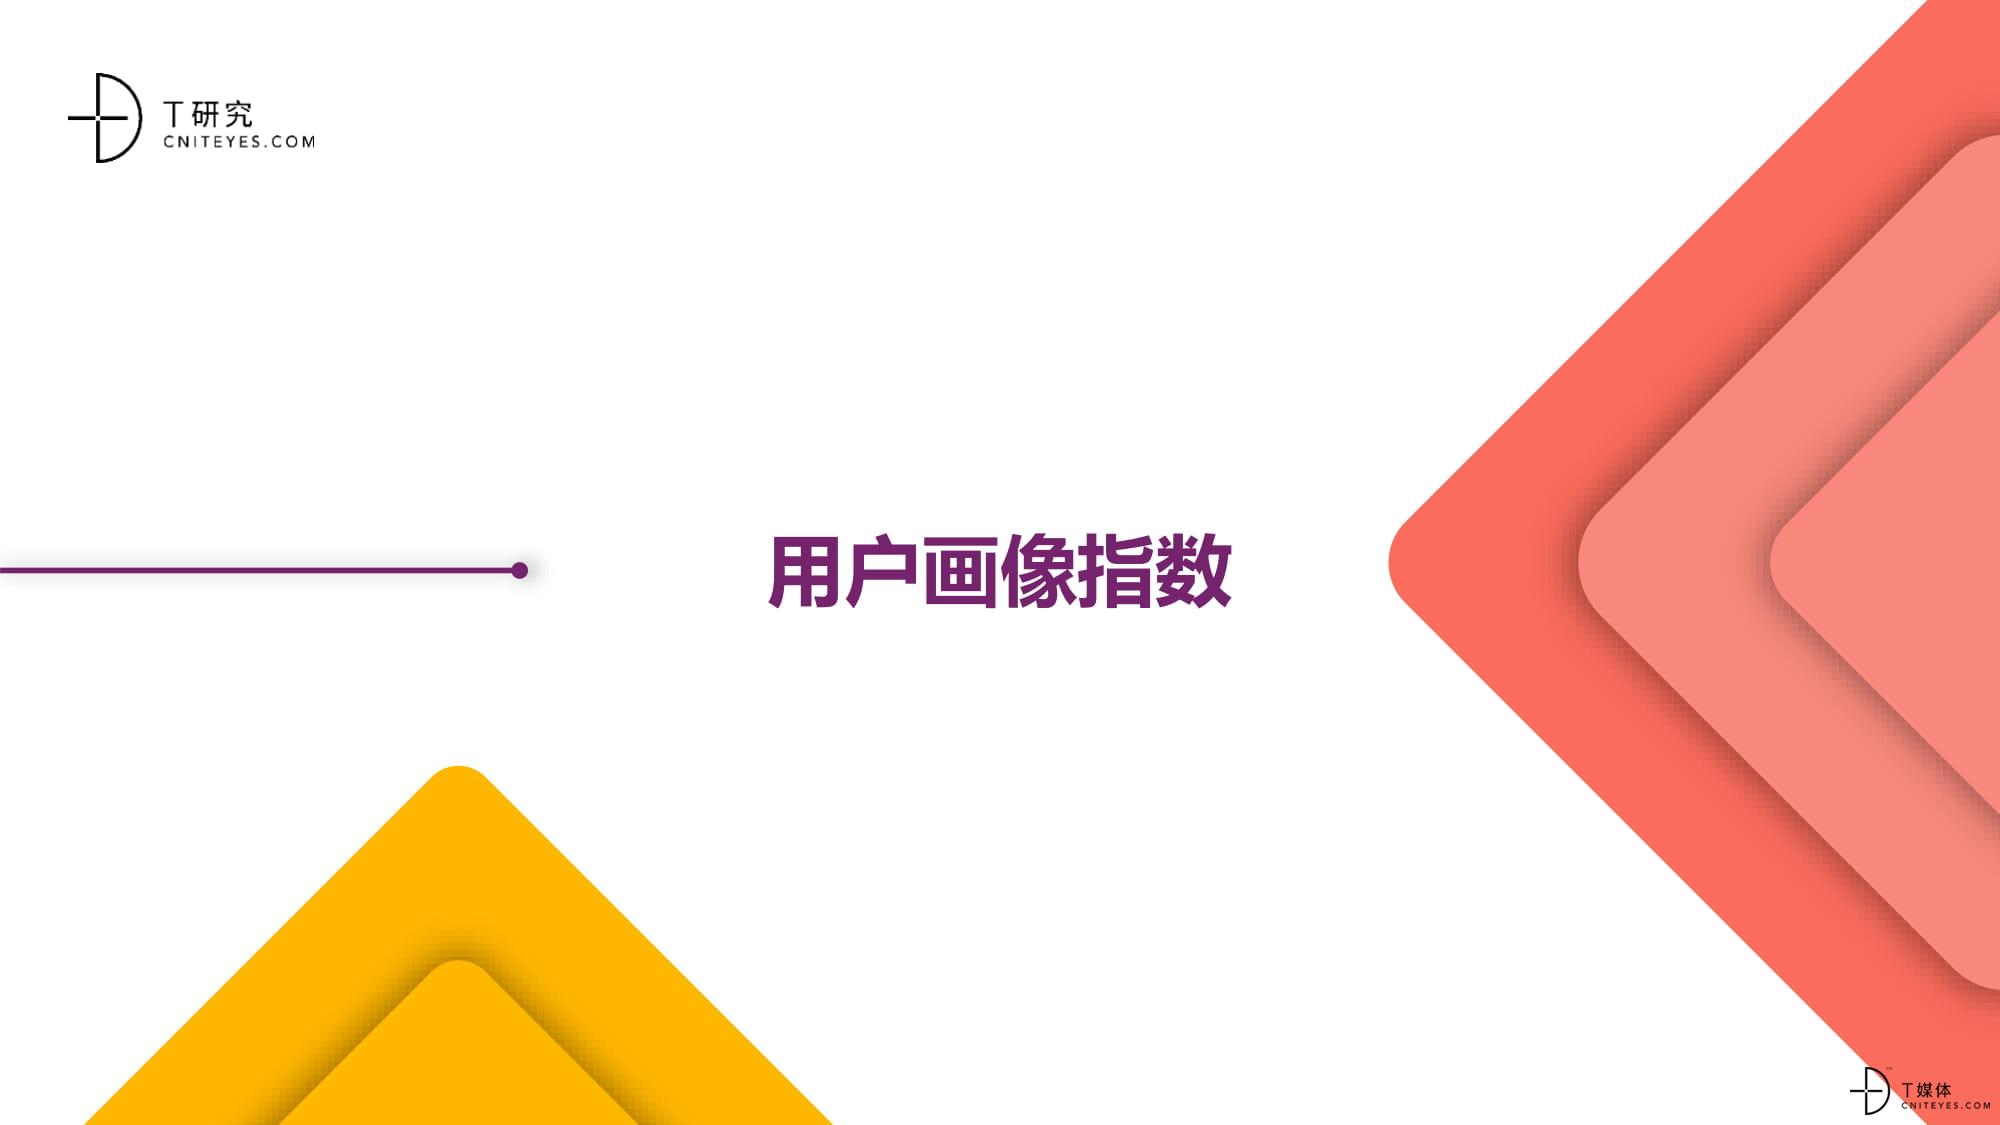 2020中国BI指数测评报告-13.jpg